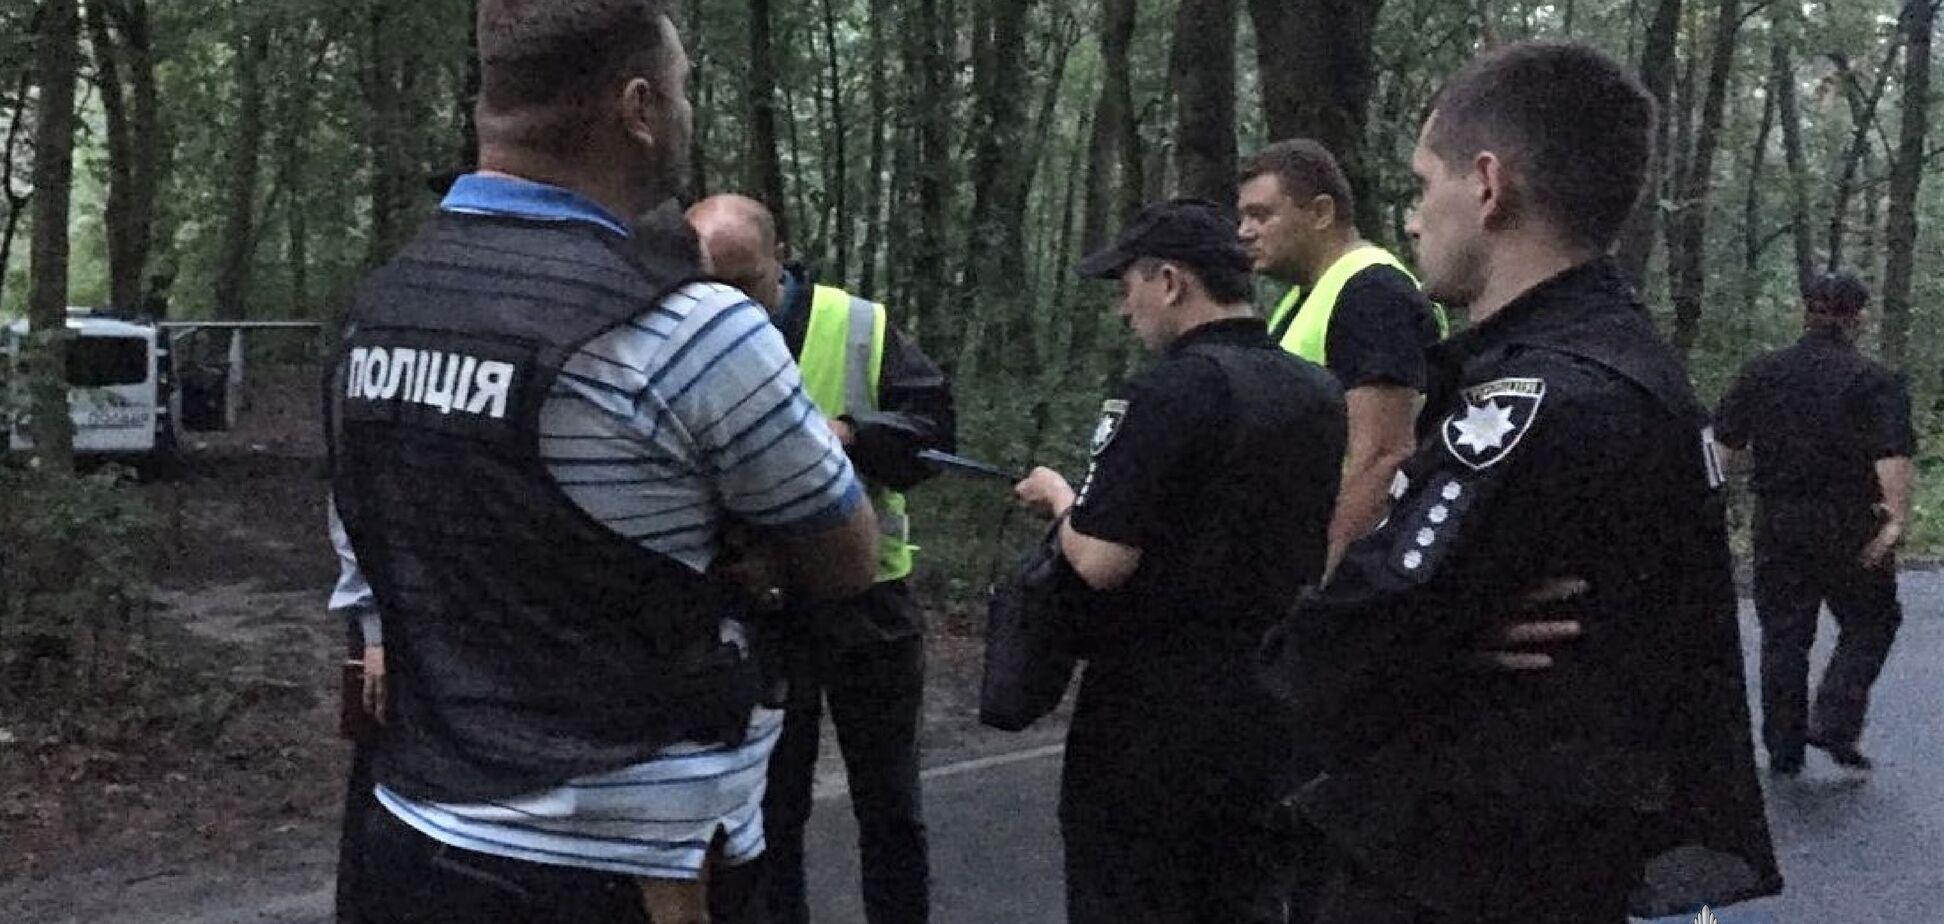 Жорстоке вбивство підлітка у Києві: з'явилися перші фото з місця злочину